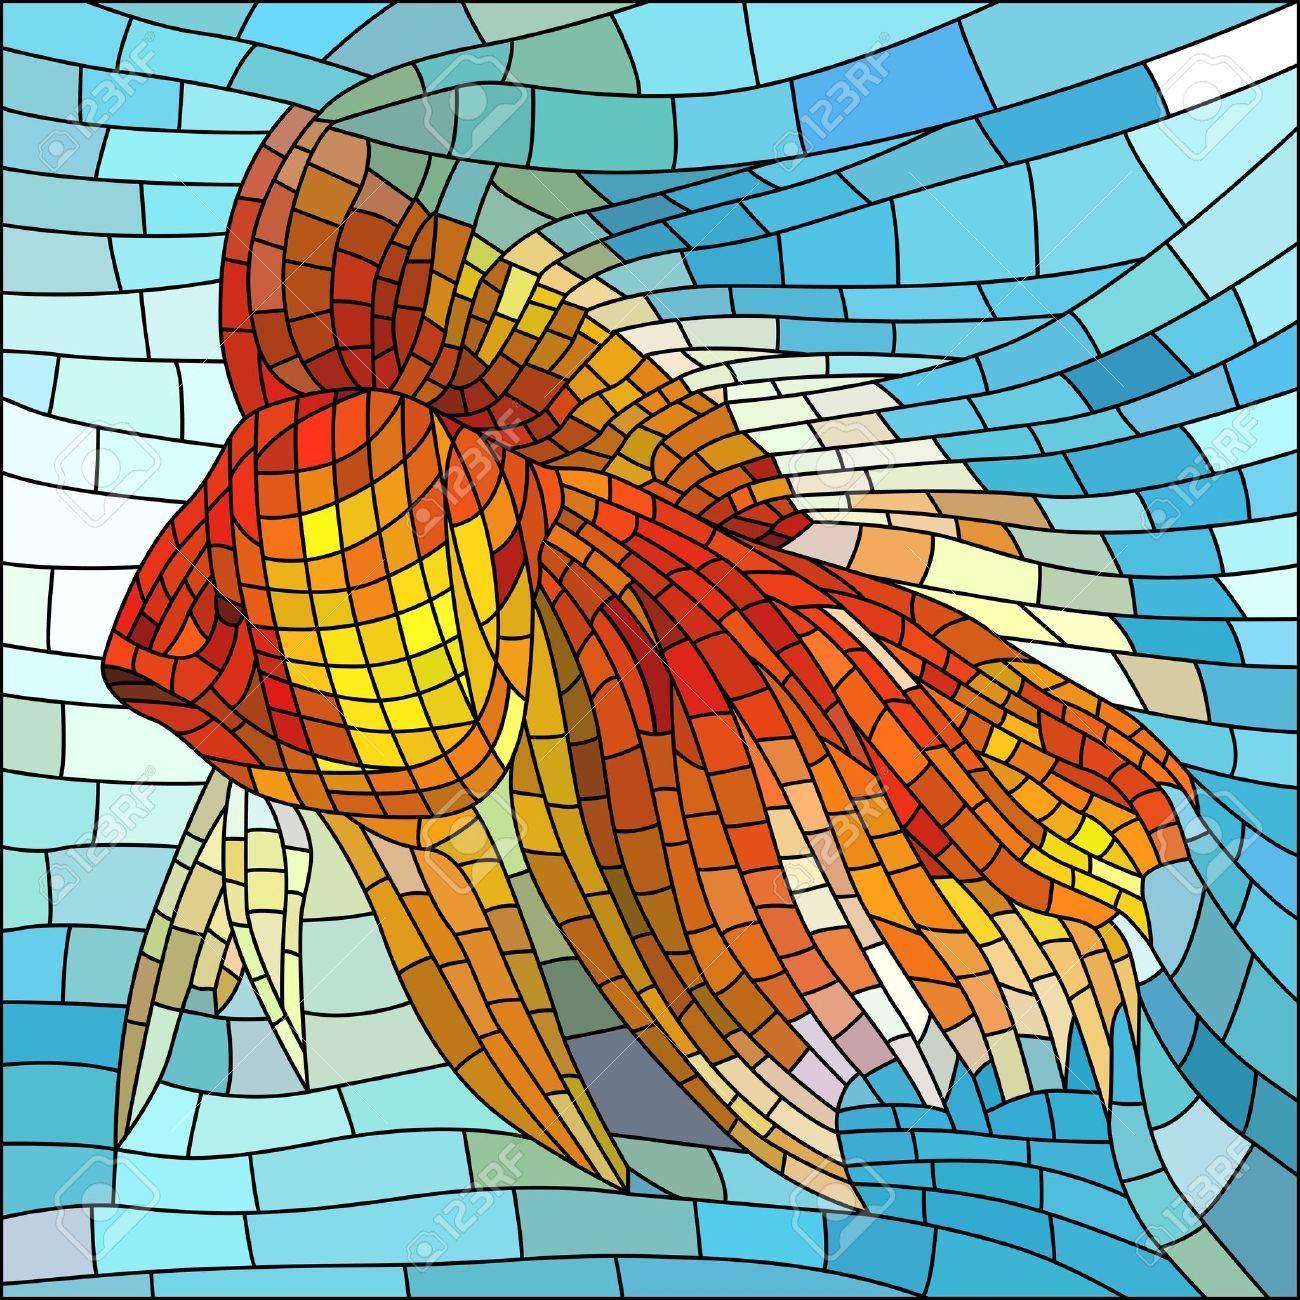 Fönster blyinfattade fönster : Vektor Illustration Av Guld Fisk I Vatten Blyinfattade Fönster ...